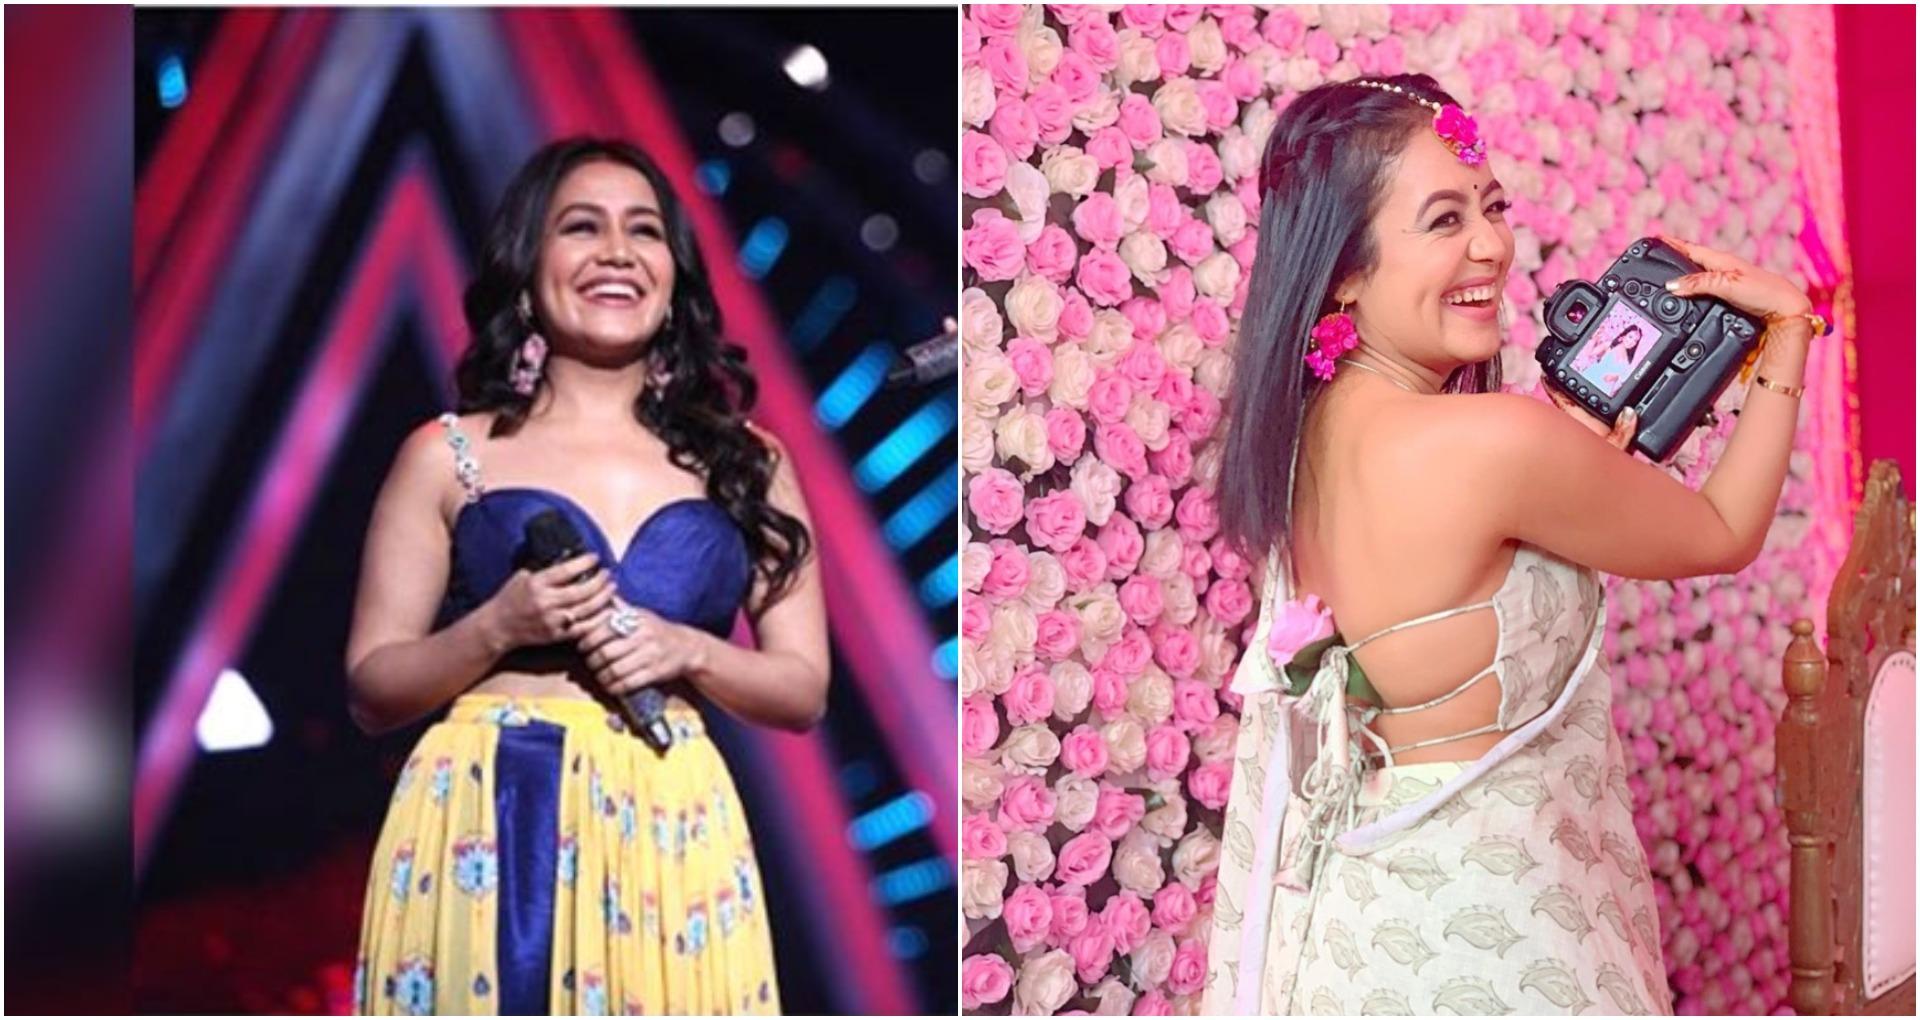 Indian Idol 11: नेहा कक्कड़ जल्द करेंगी इस लड़के से शादी, माँ ने बिना पूछे कर दी शादी पक्की, पढे पूरी रिपोर्ट